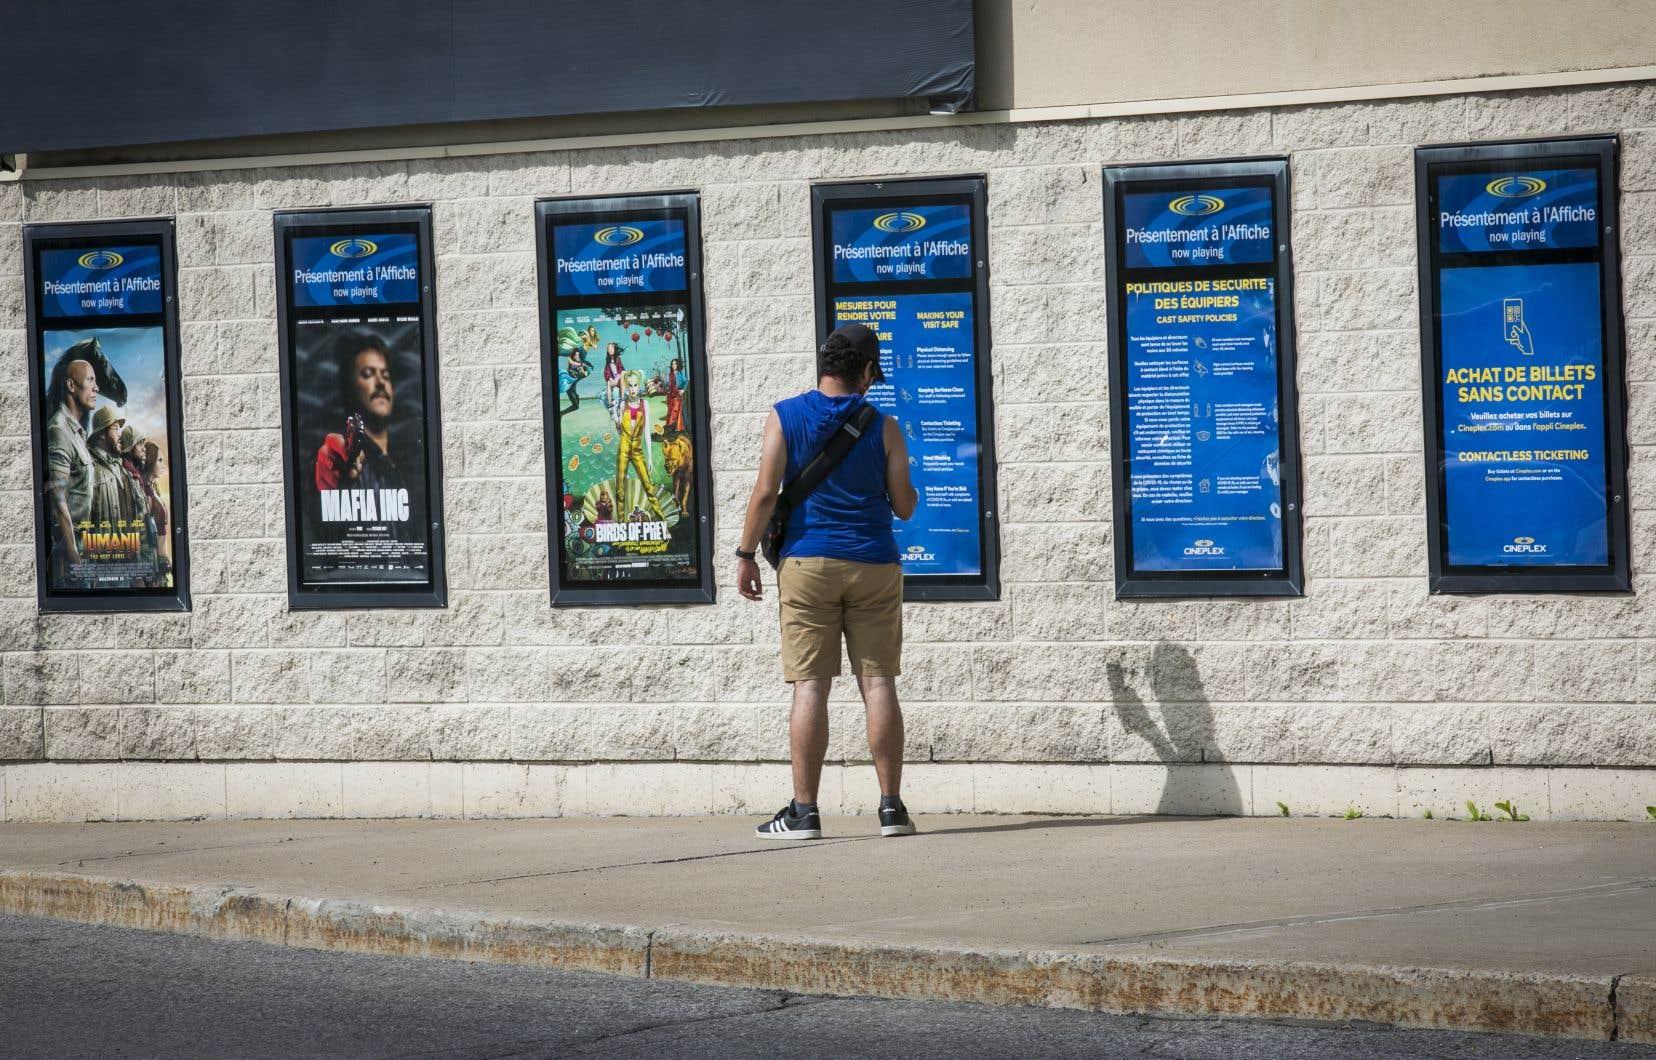 Dans les cinémas, non seulement appliquait-on les recommandations de la Santé publique, mais bien souvent, elles y étaient bonifiées.